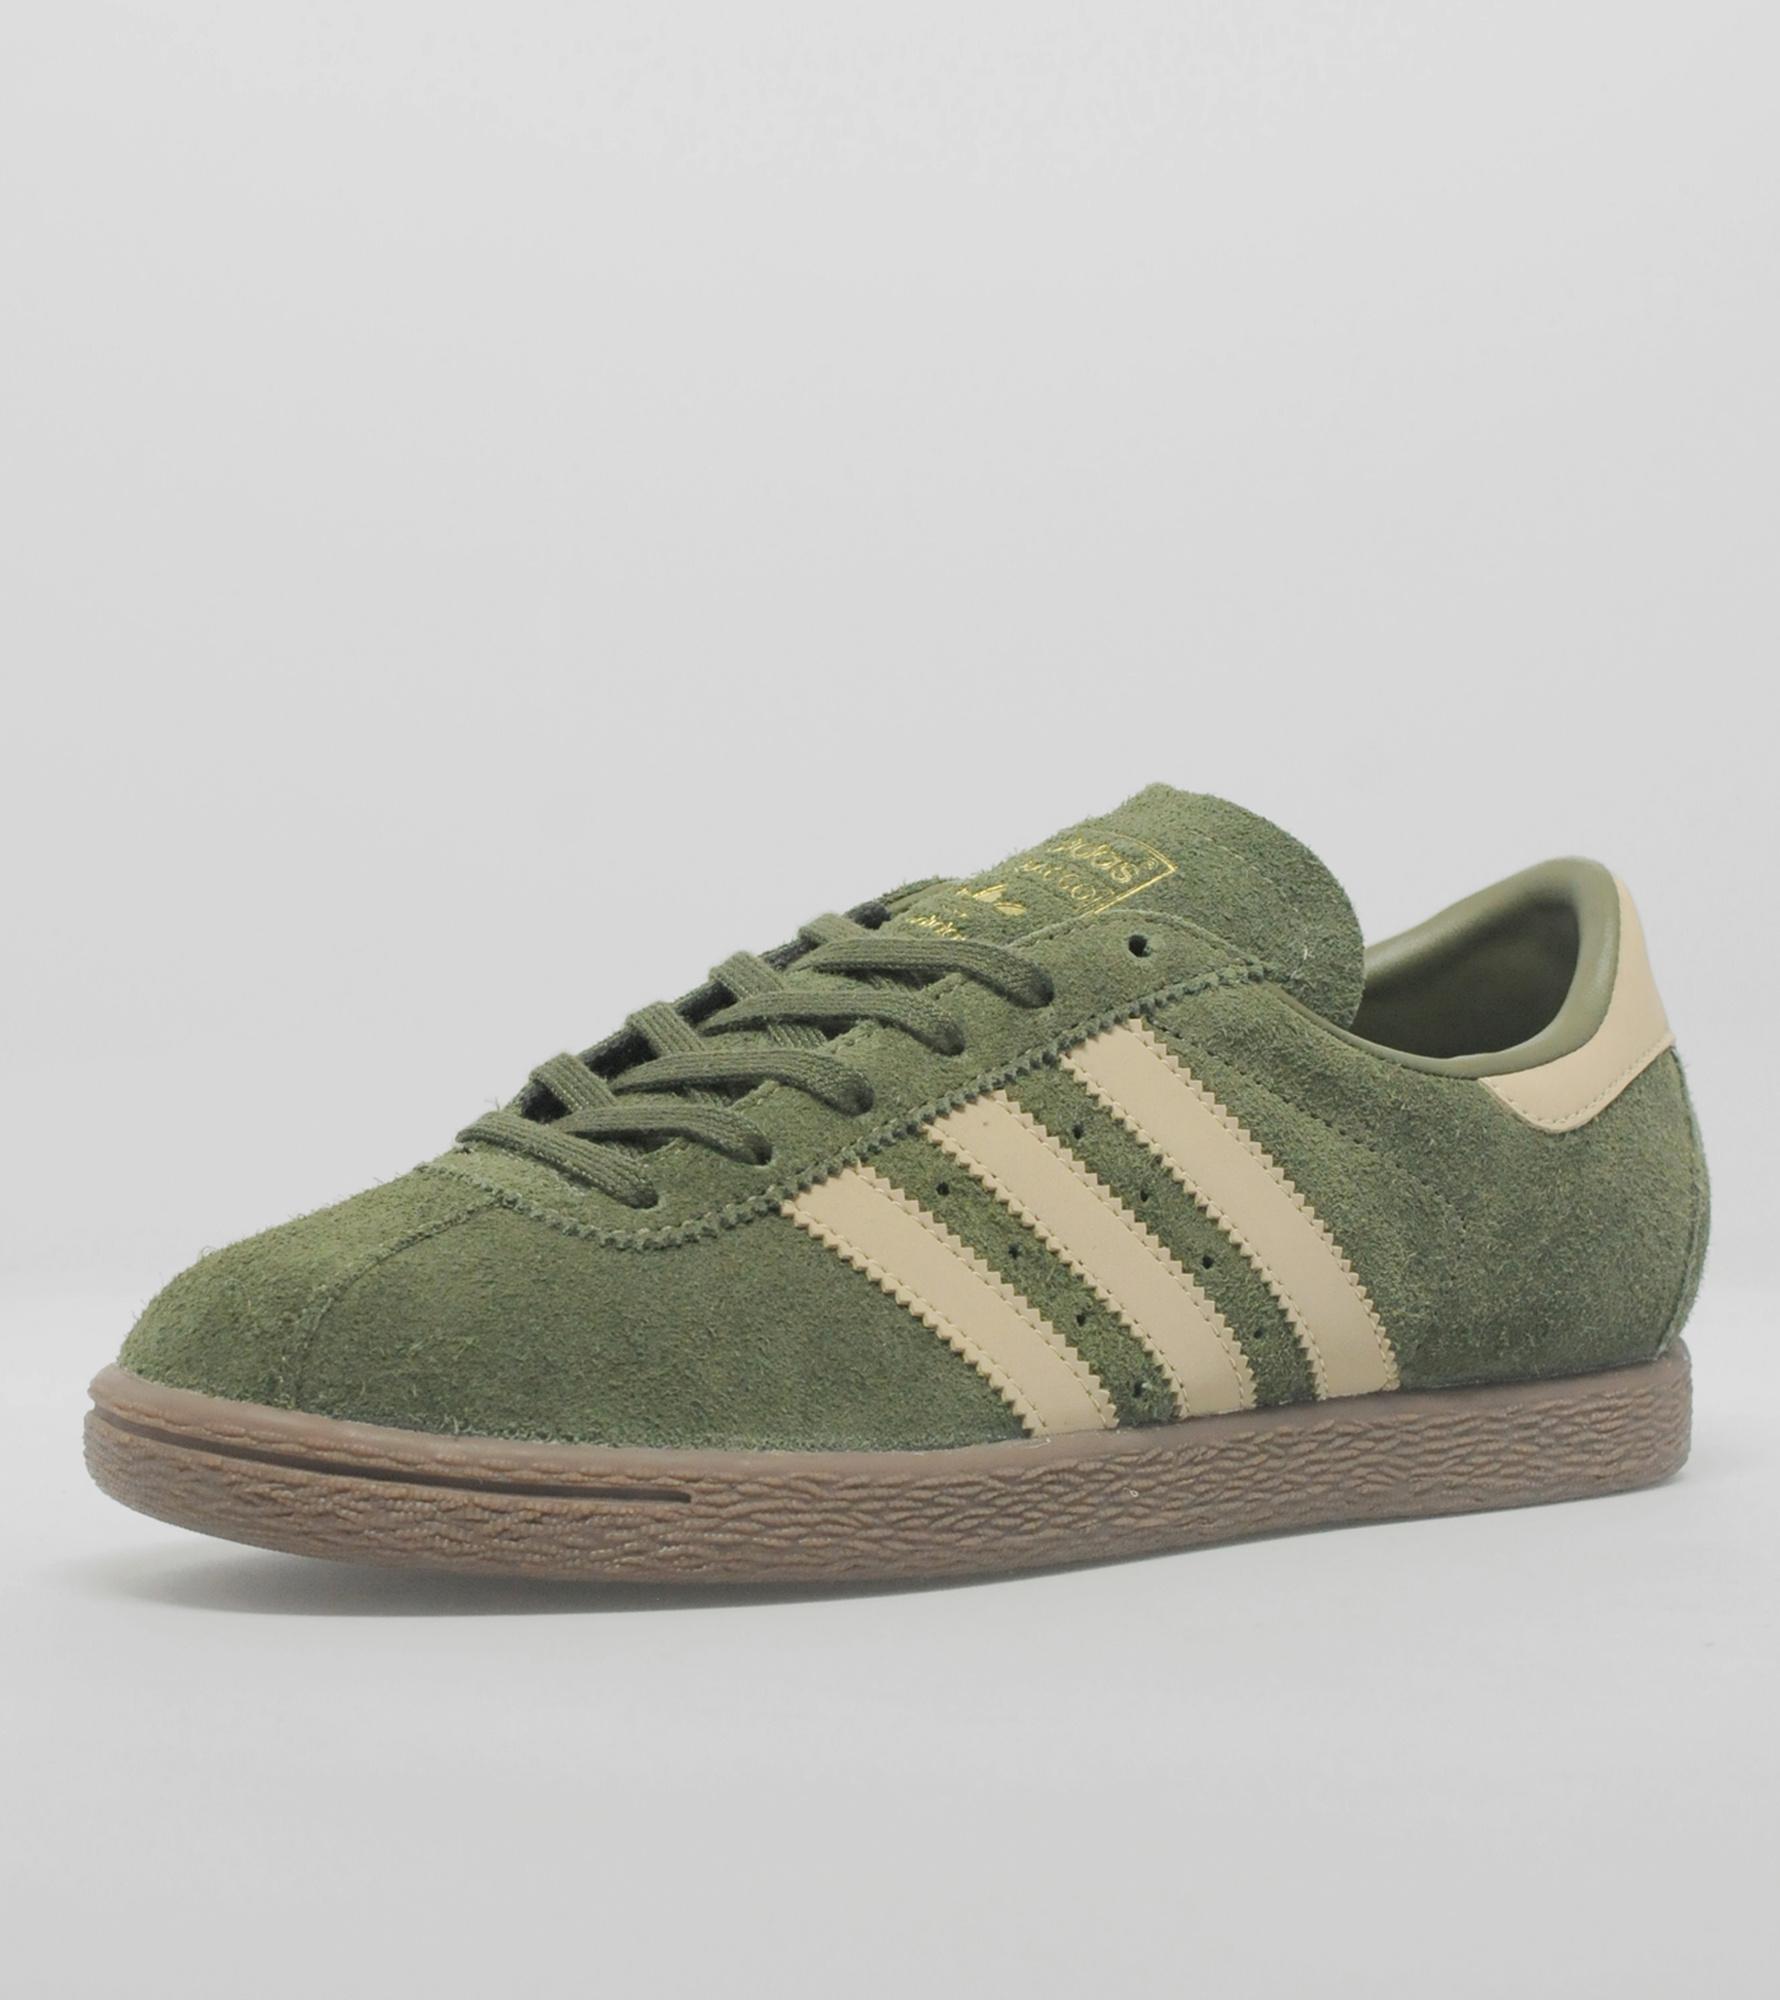 Adidas Tobacco Original Shoes!